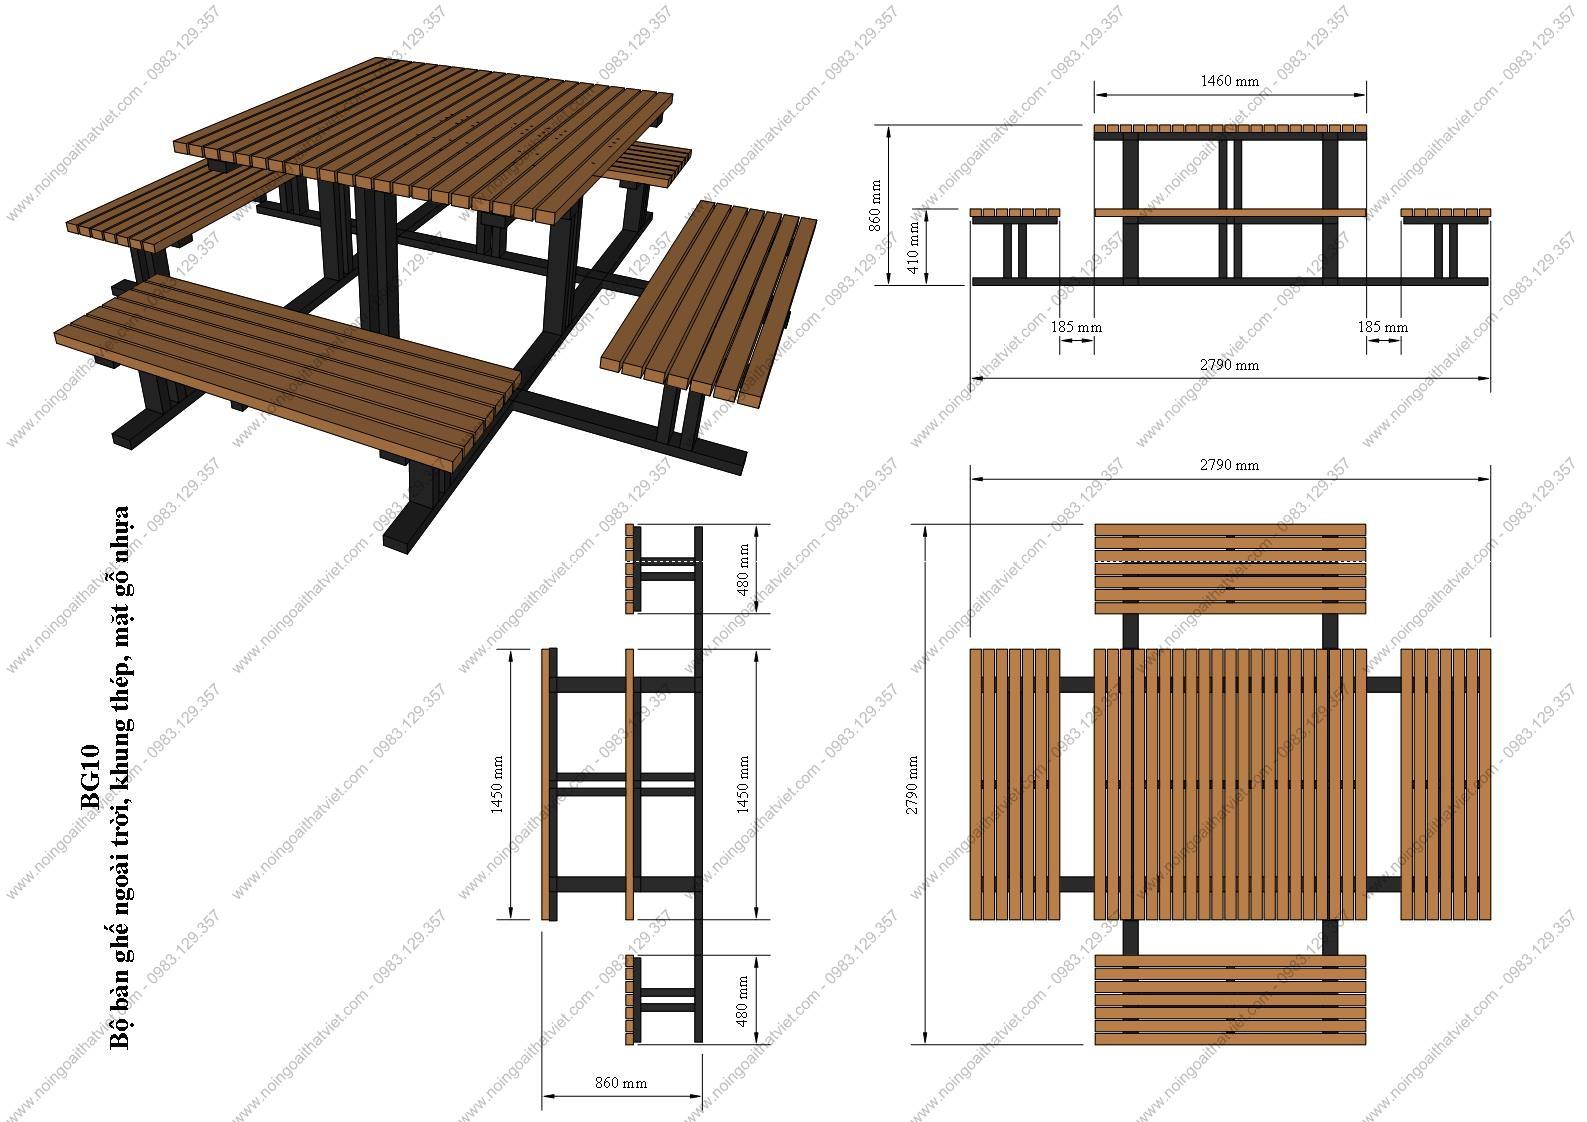 Bàn ghế gỗ ngoài trời, sang trọng, bền, đẹp